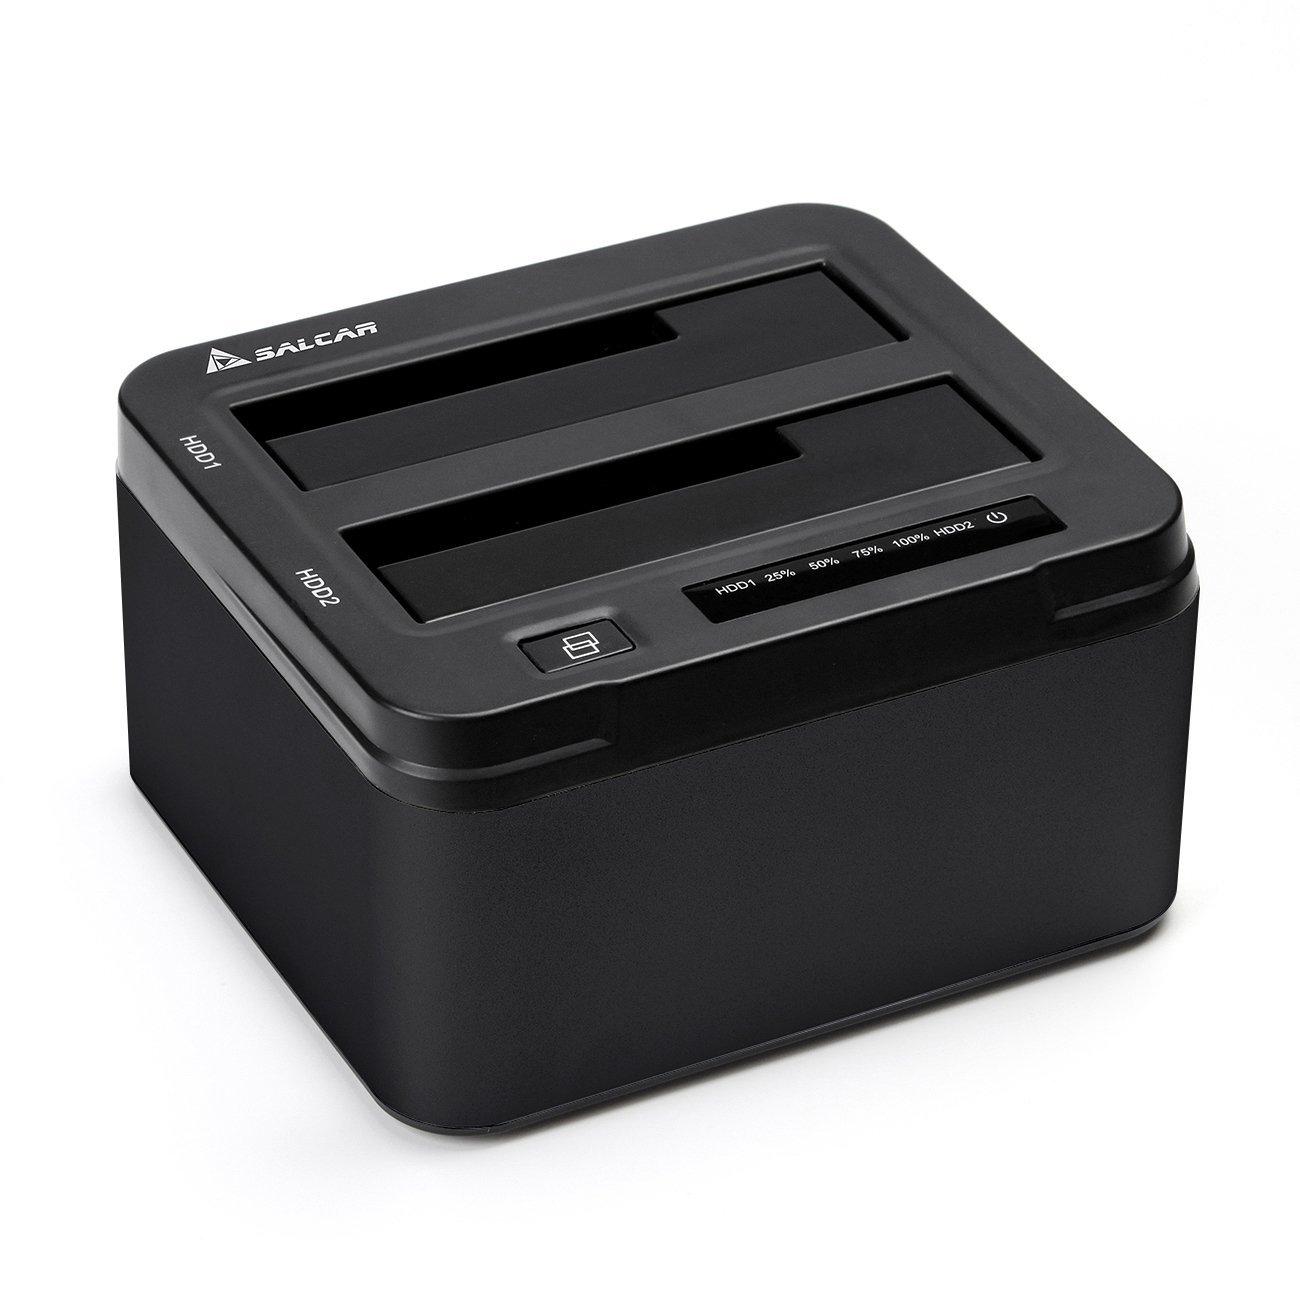 Station d'accueil USB3.0 Salcar pour HDD/SDD - 2 slots (Vendeur tiers)